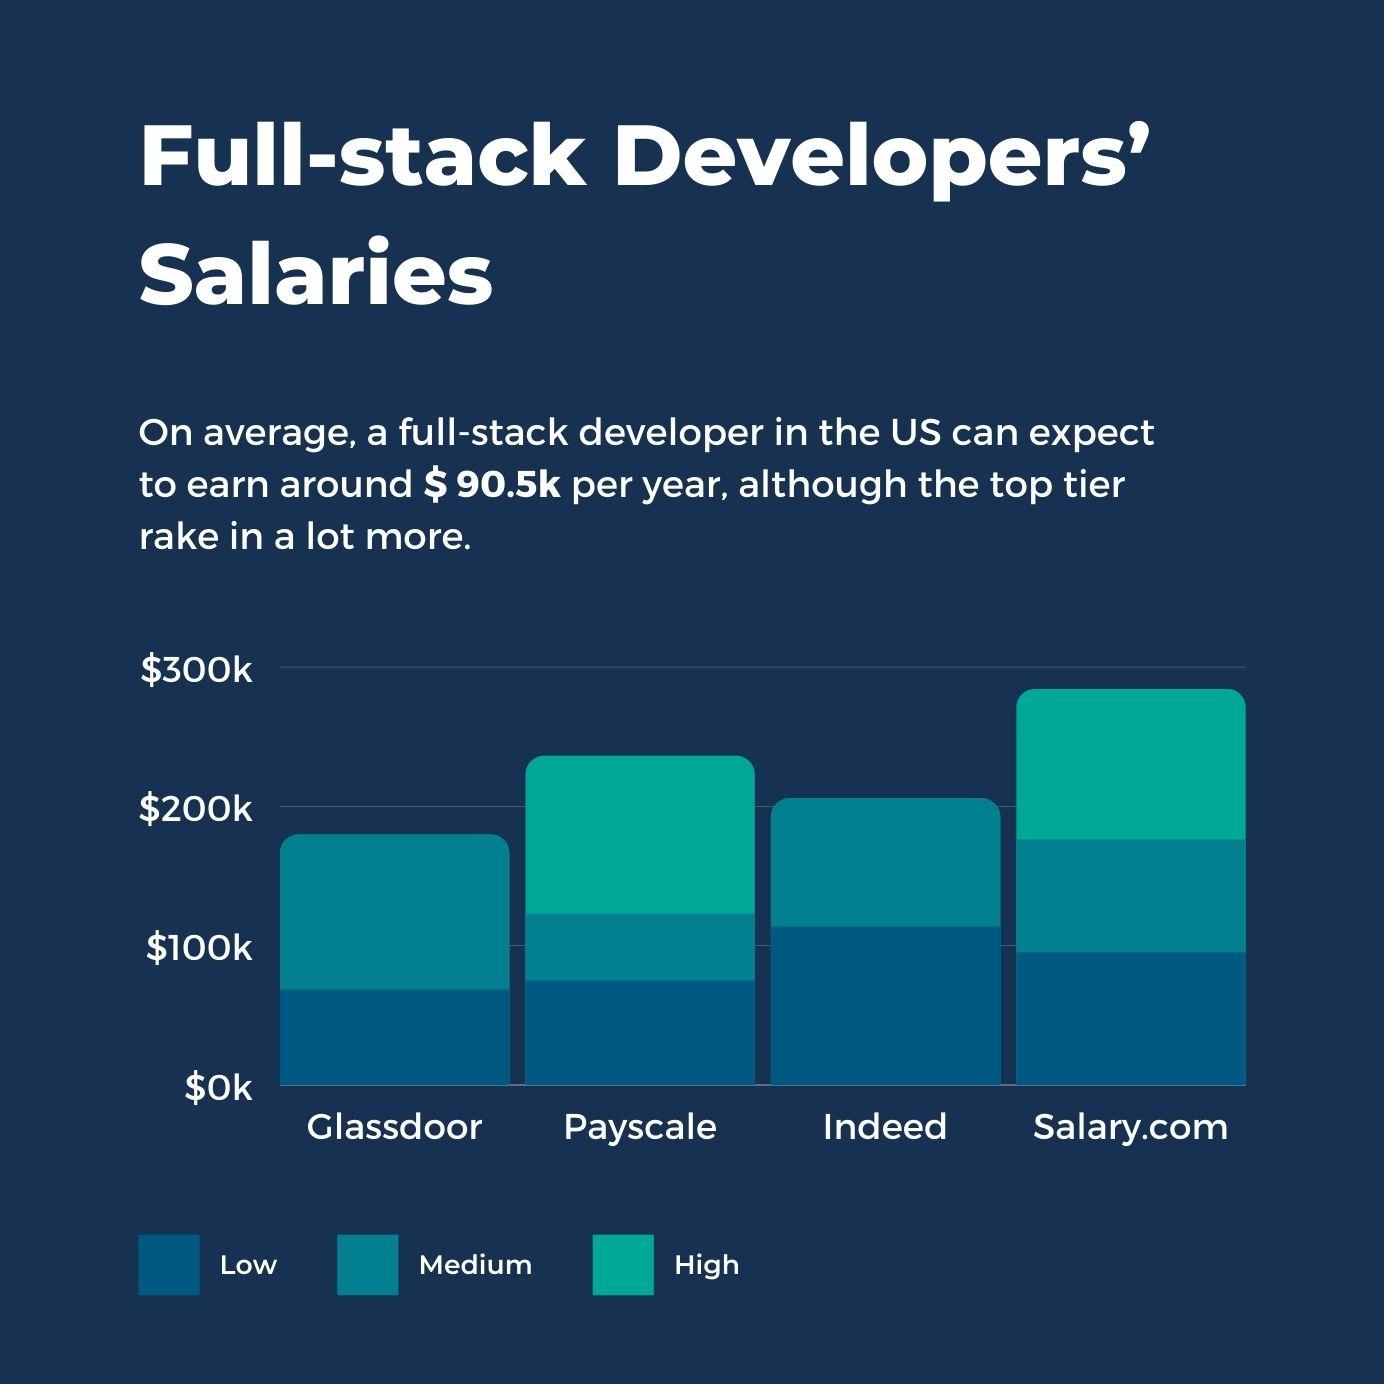 Full-stack Developers Salaries